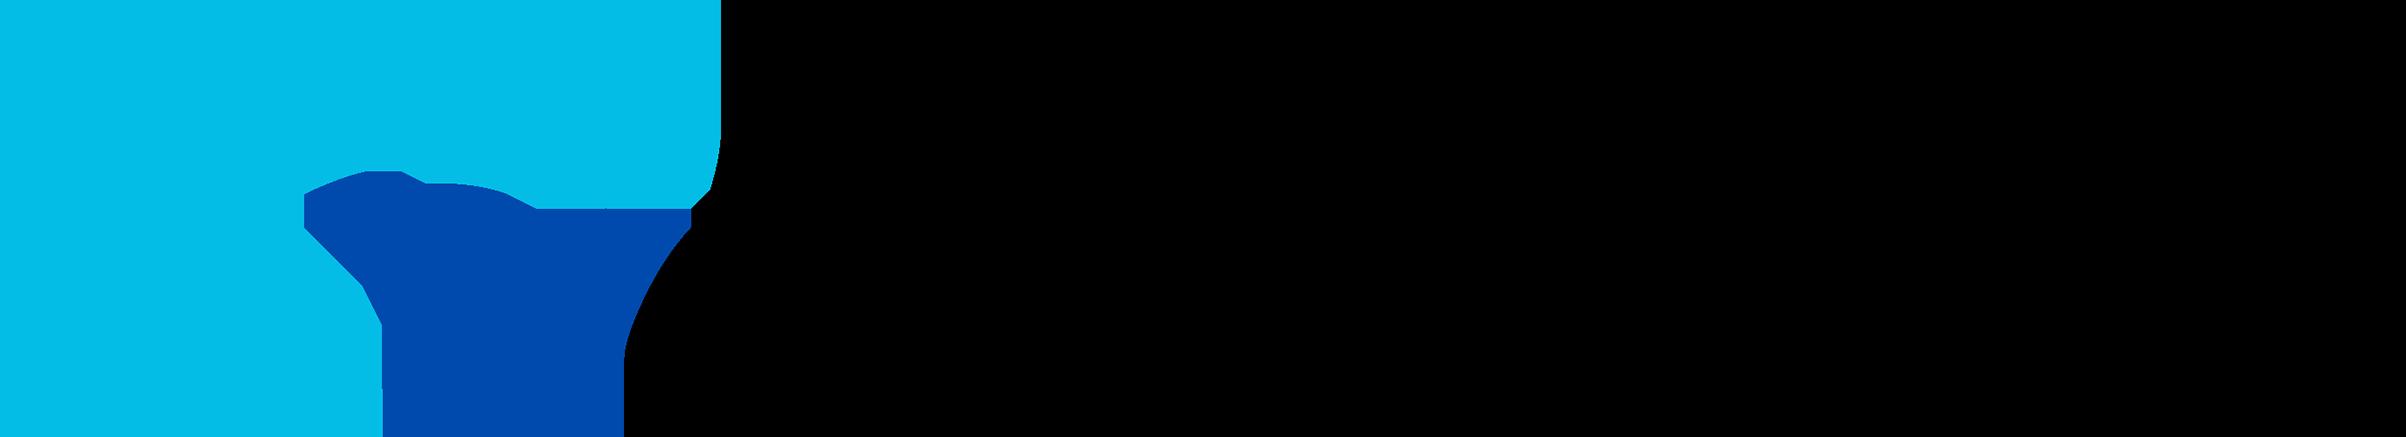 Easy Invoice logo